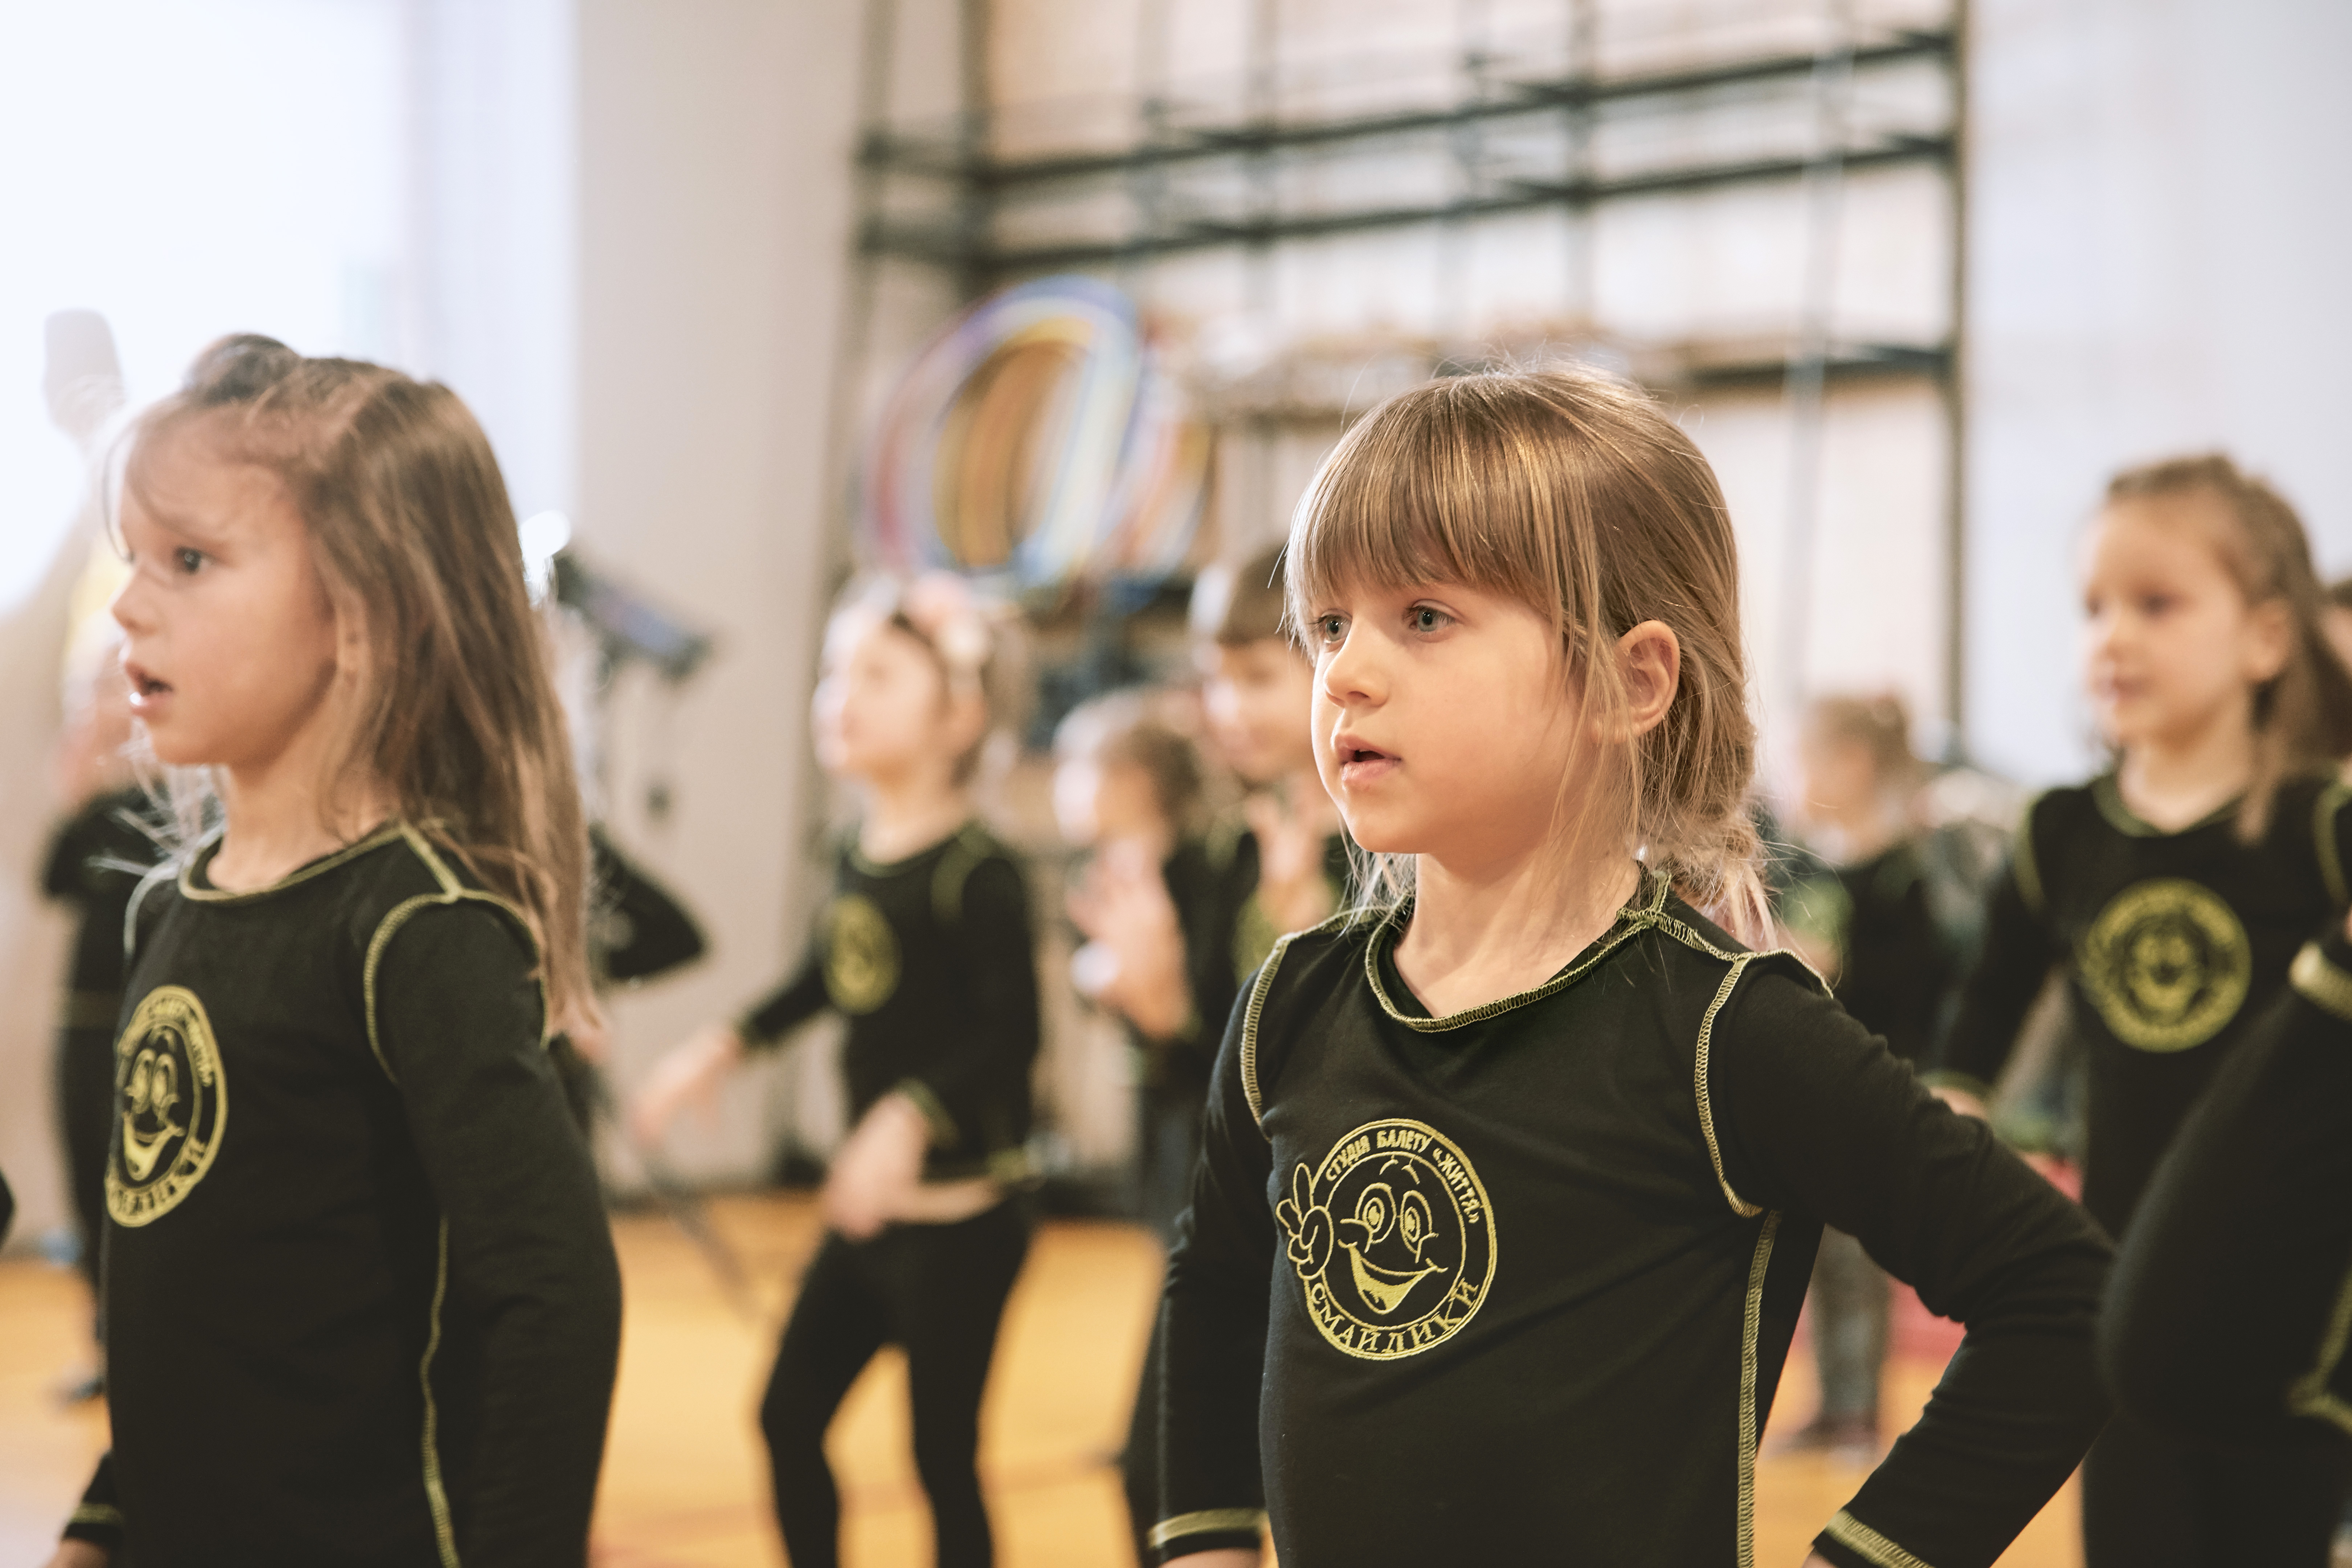 Klasa baletowa dla dziewcząt